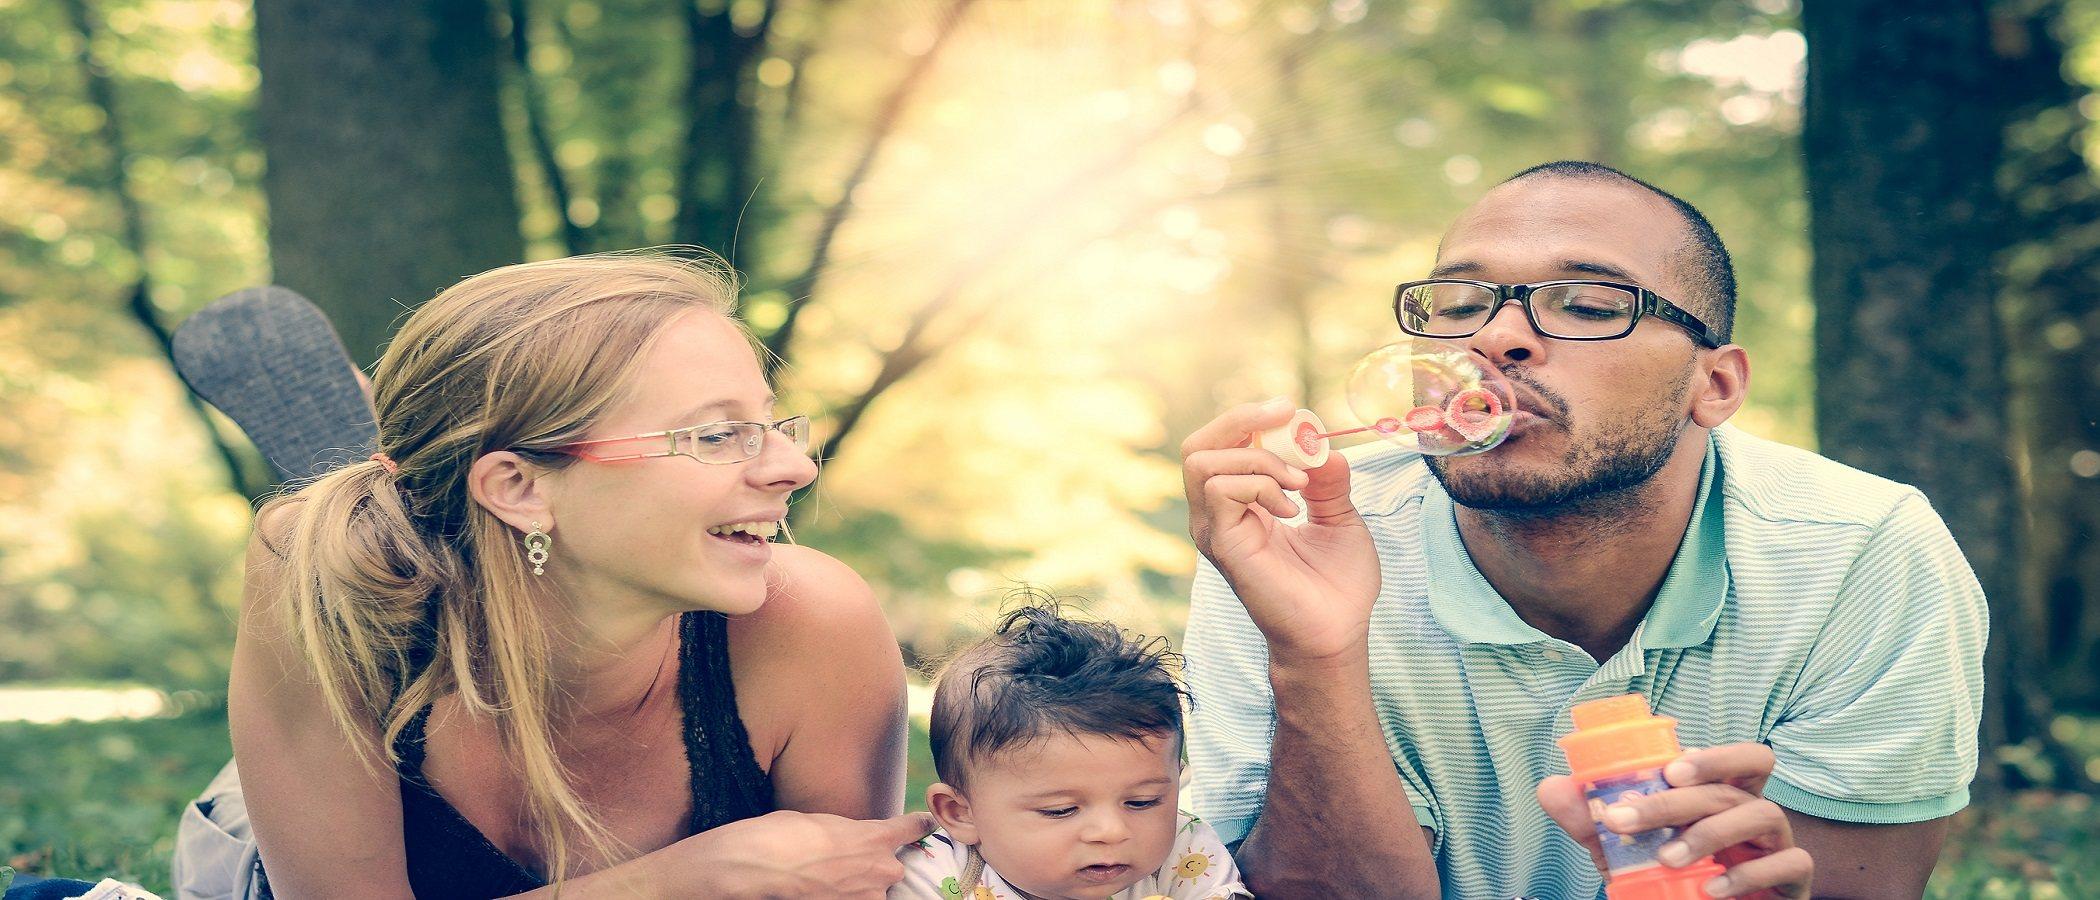 La importancia del tiempo unido en la vida familiar